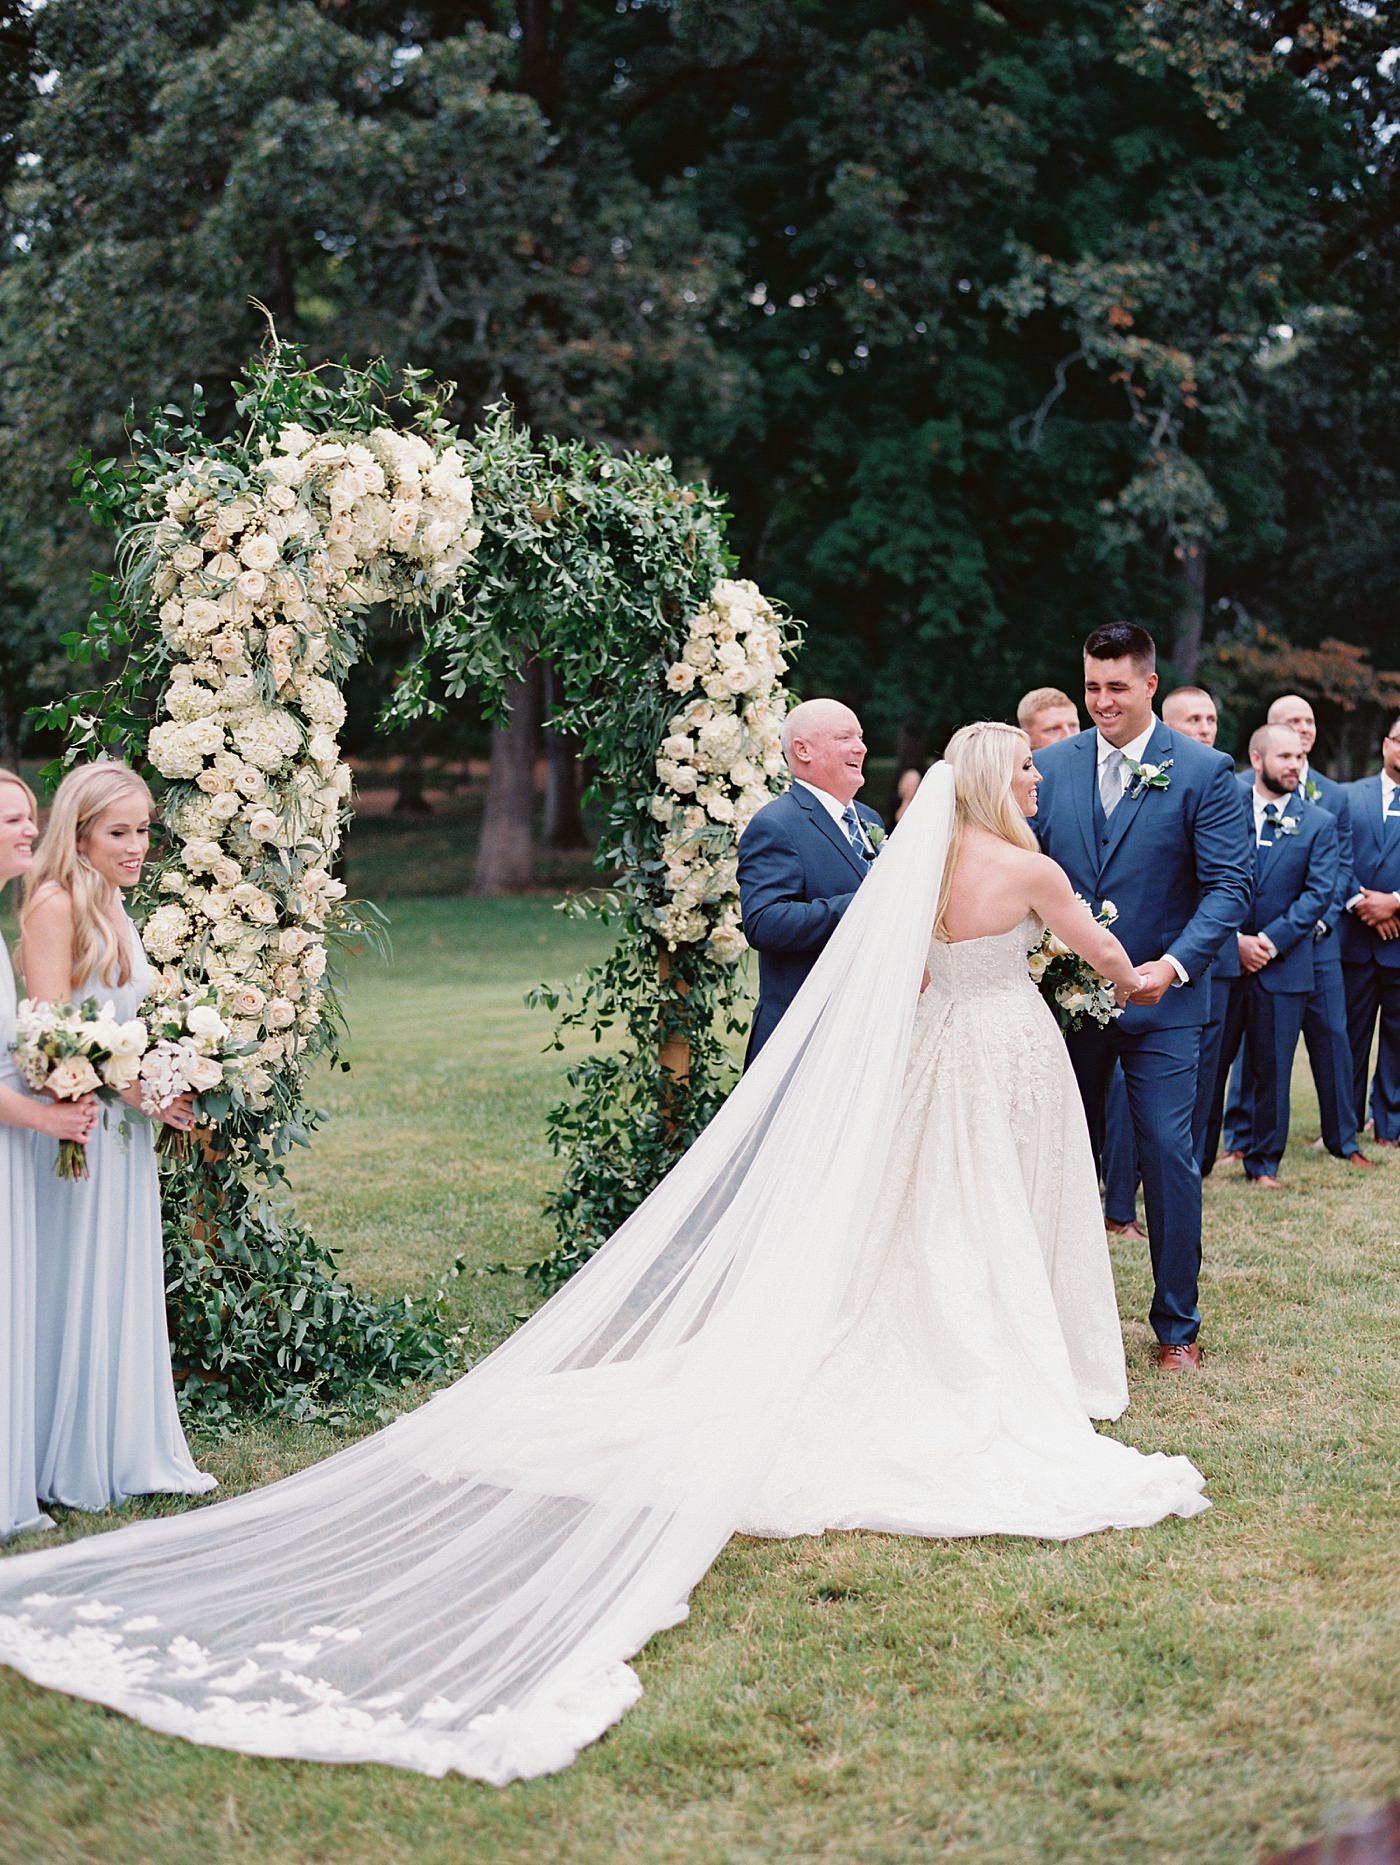 grant's farm wedding martha stewart